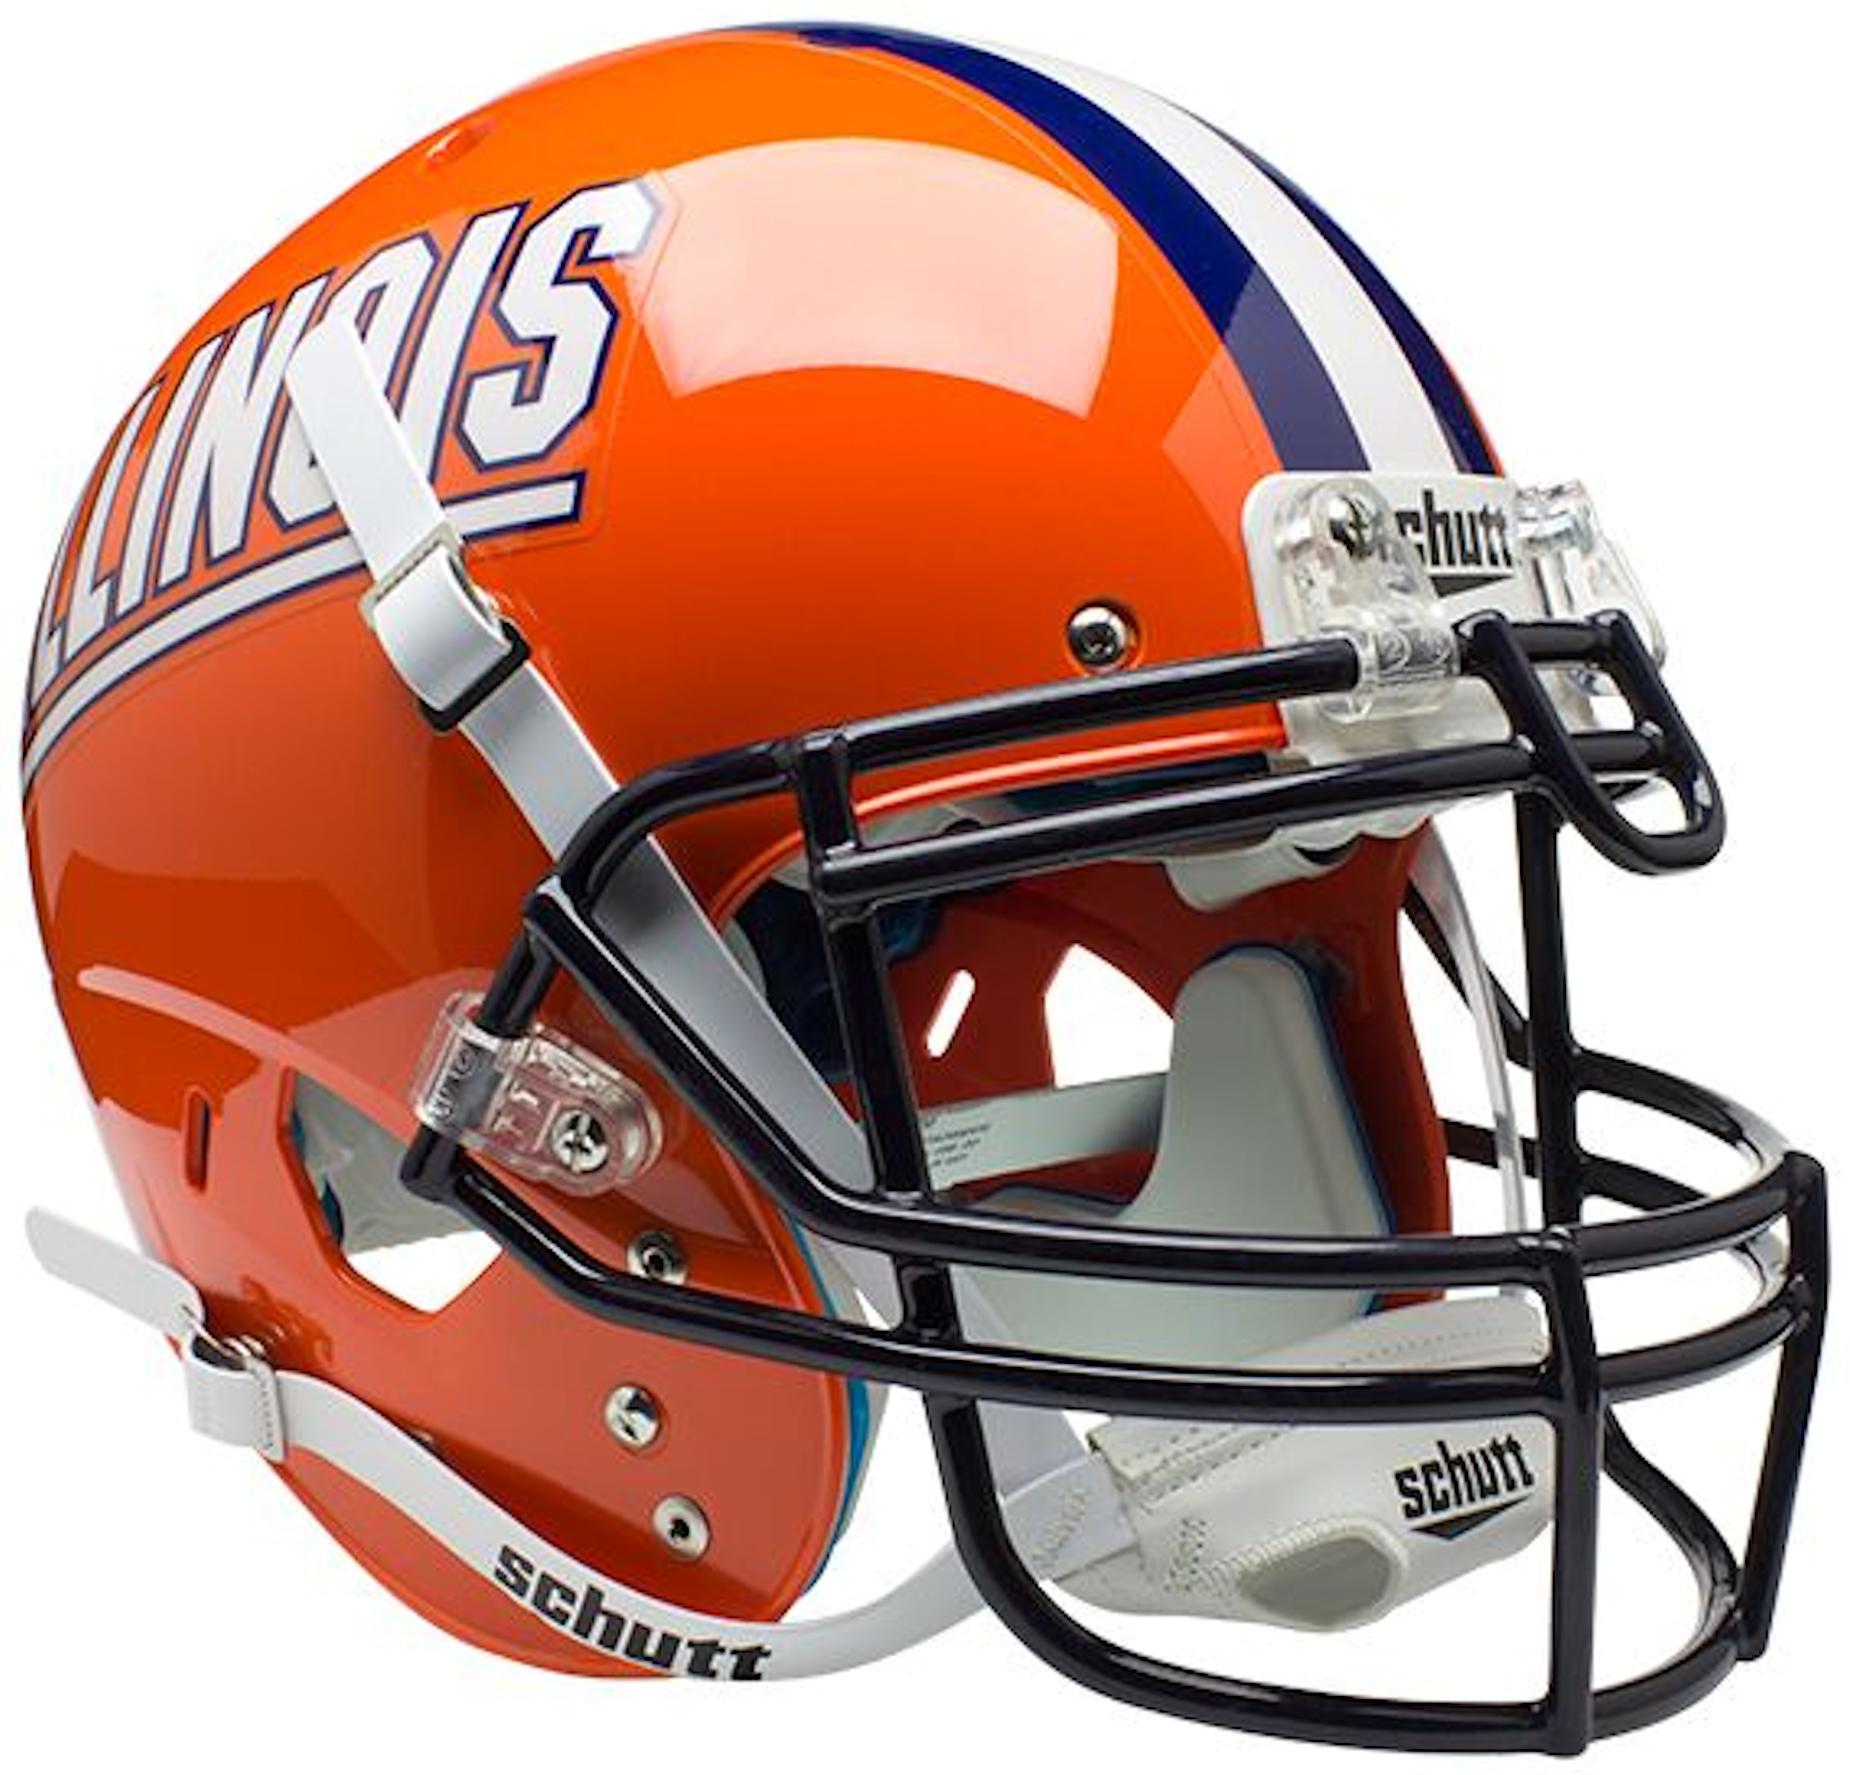 Illinois Fighting Illini Authentic College XP Football Helmet Schutt